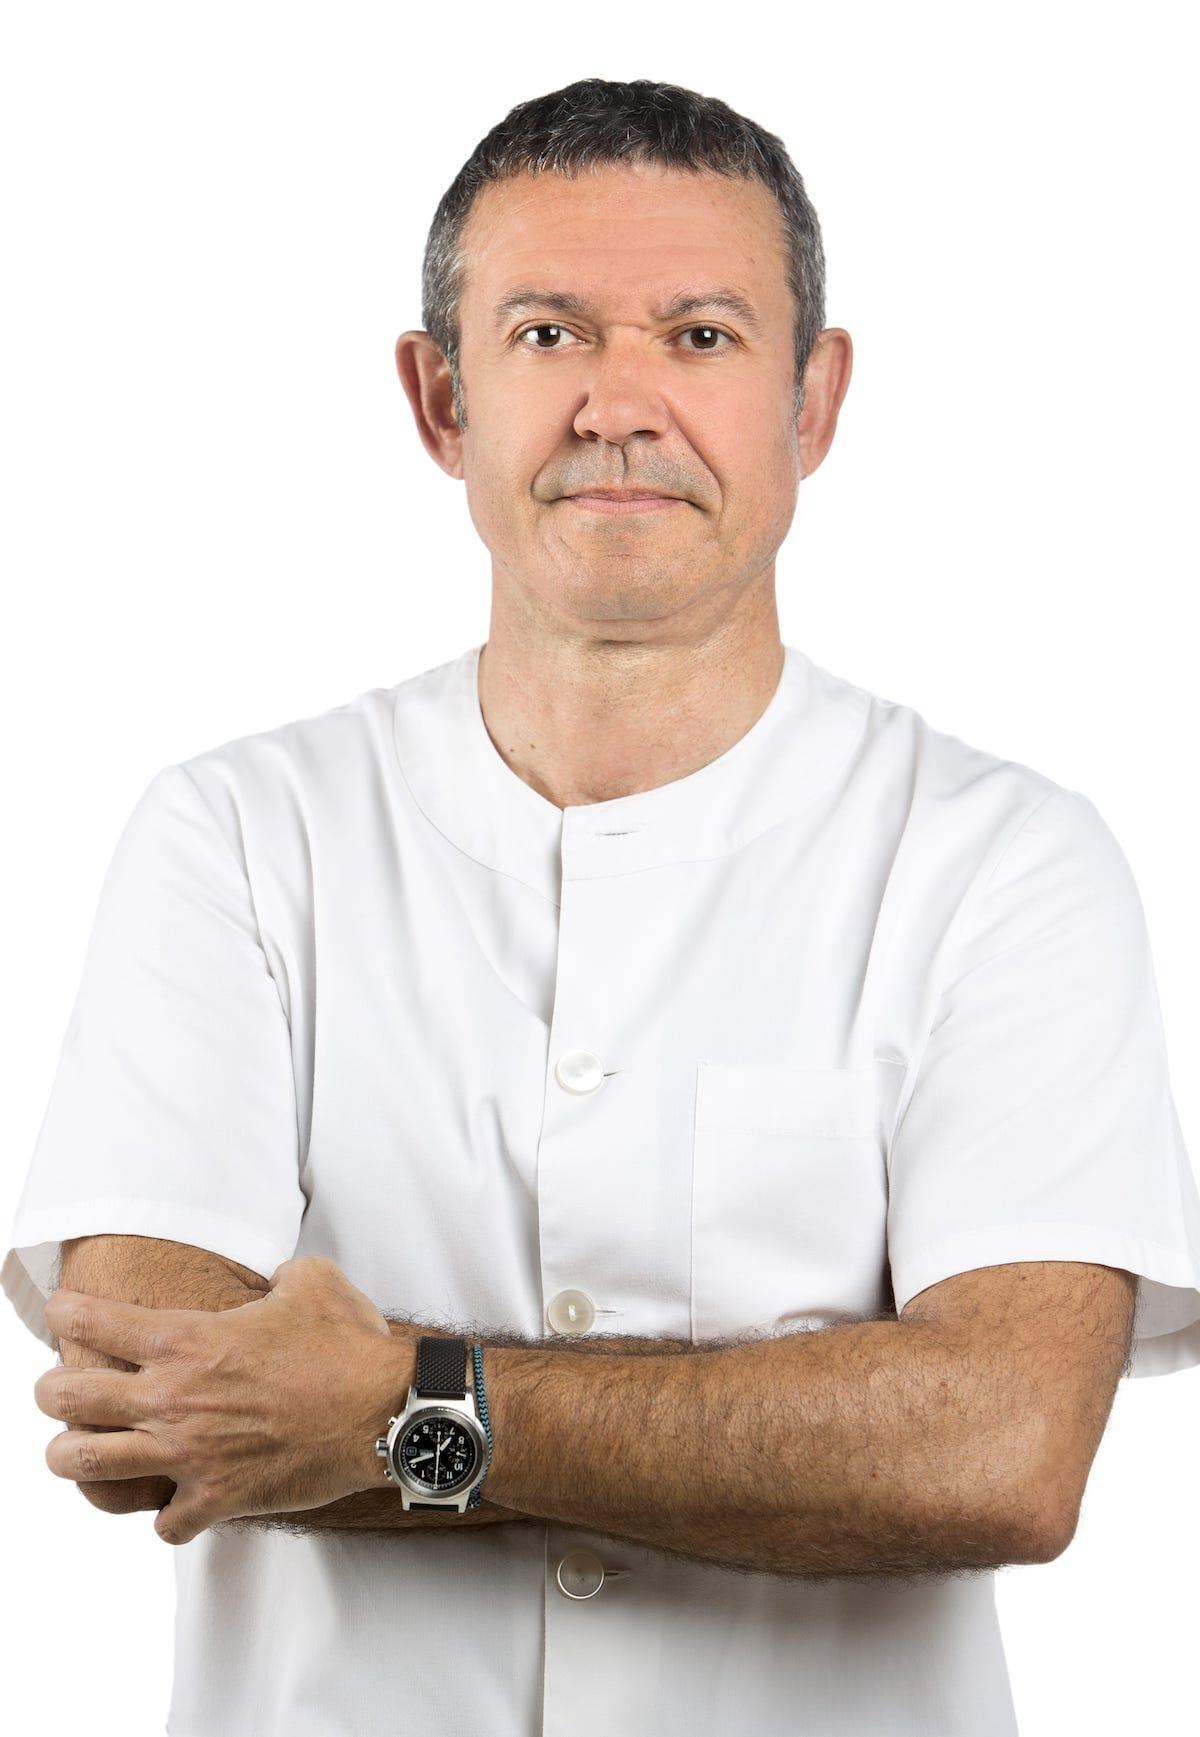 Dr. J.J. Cervantes Conesa